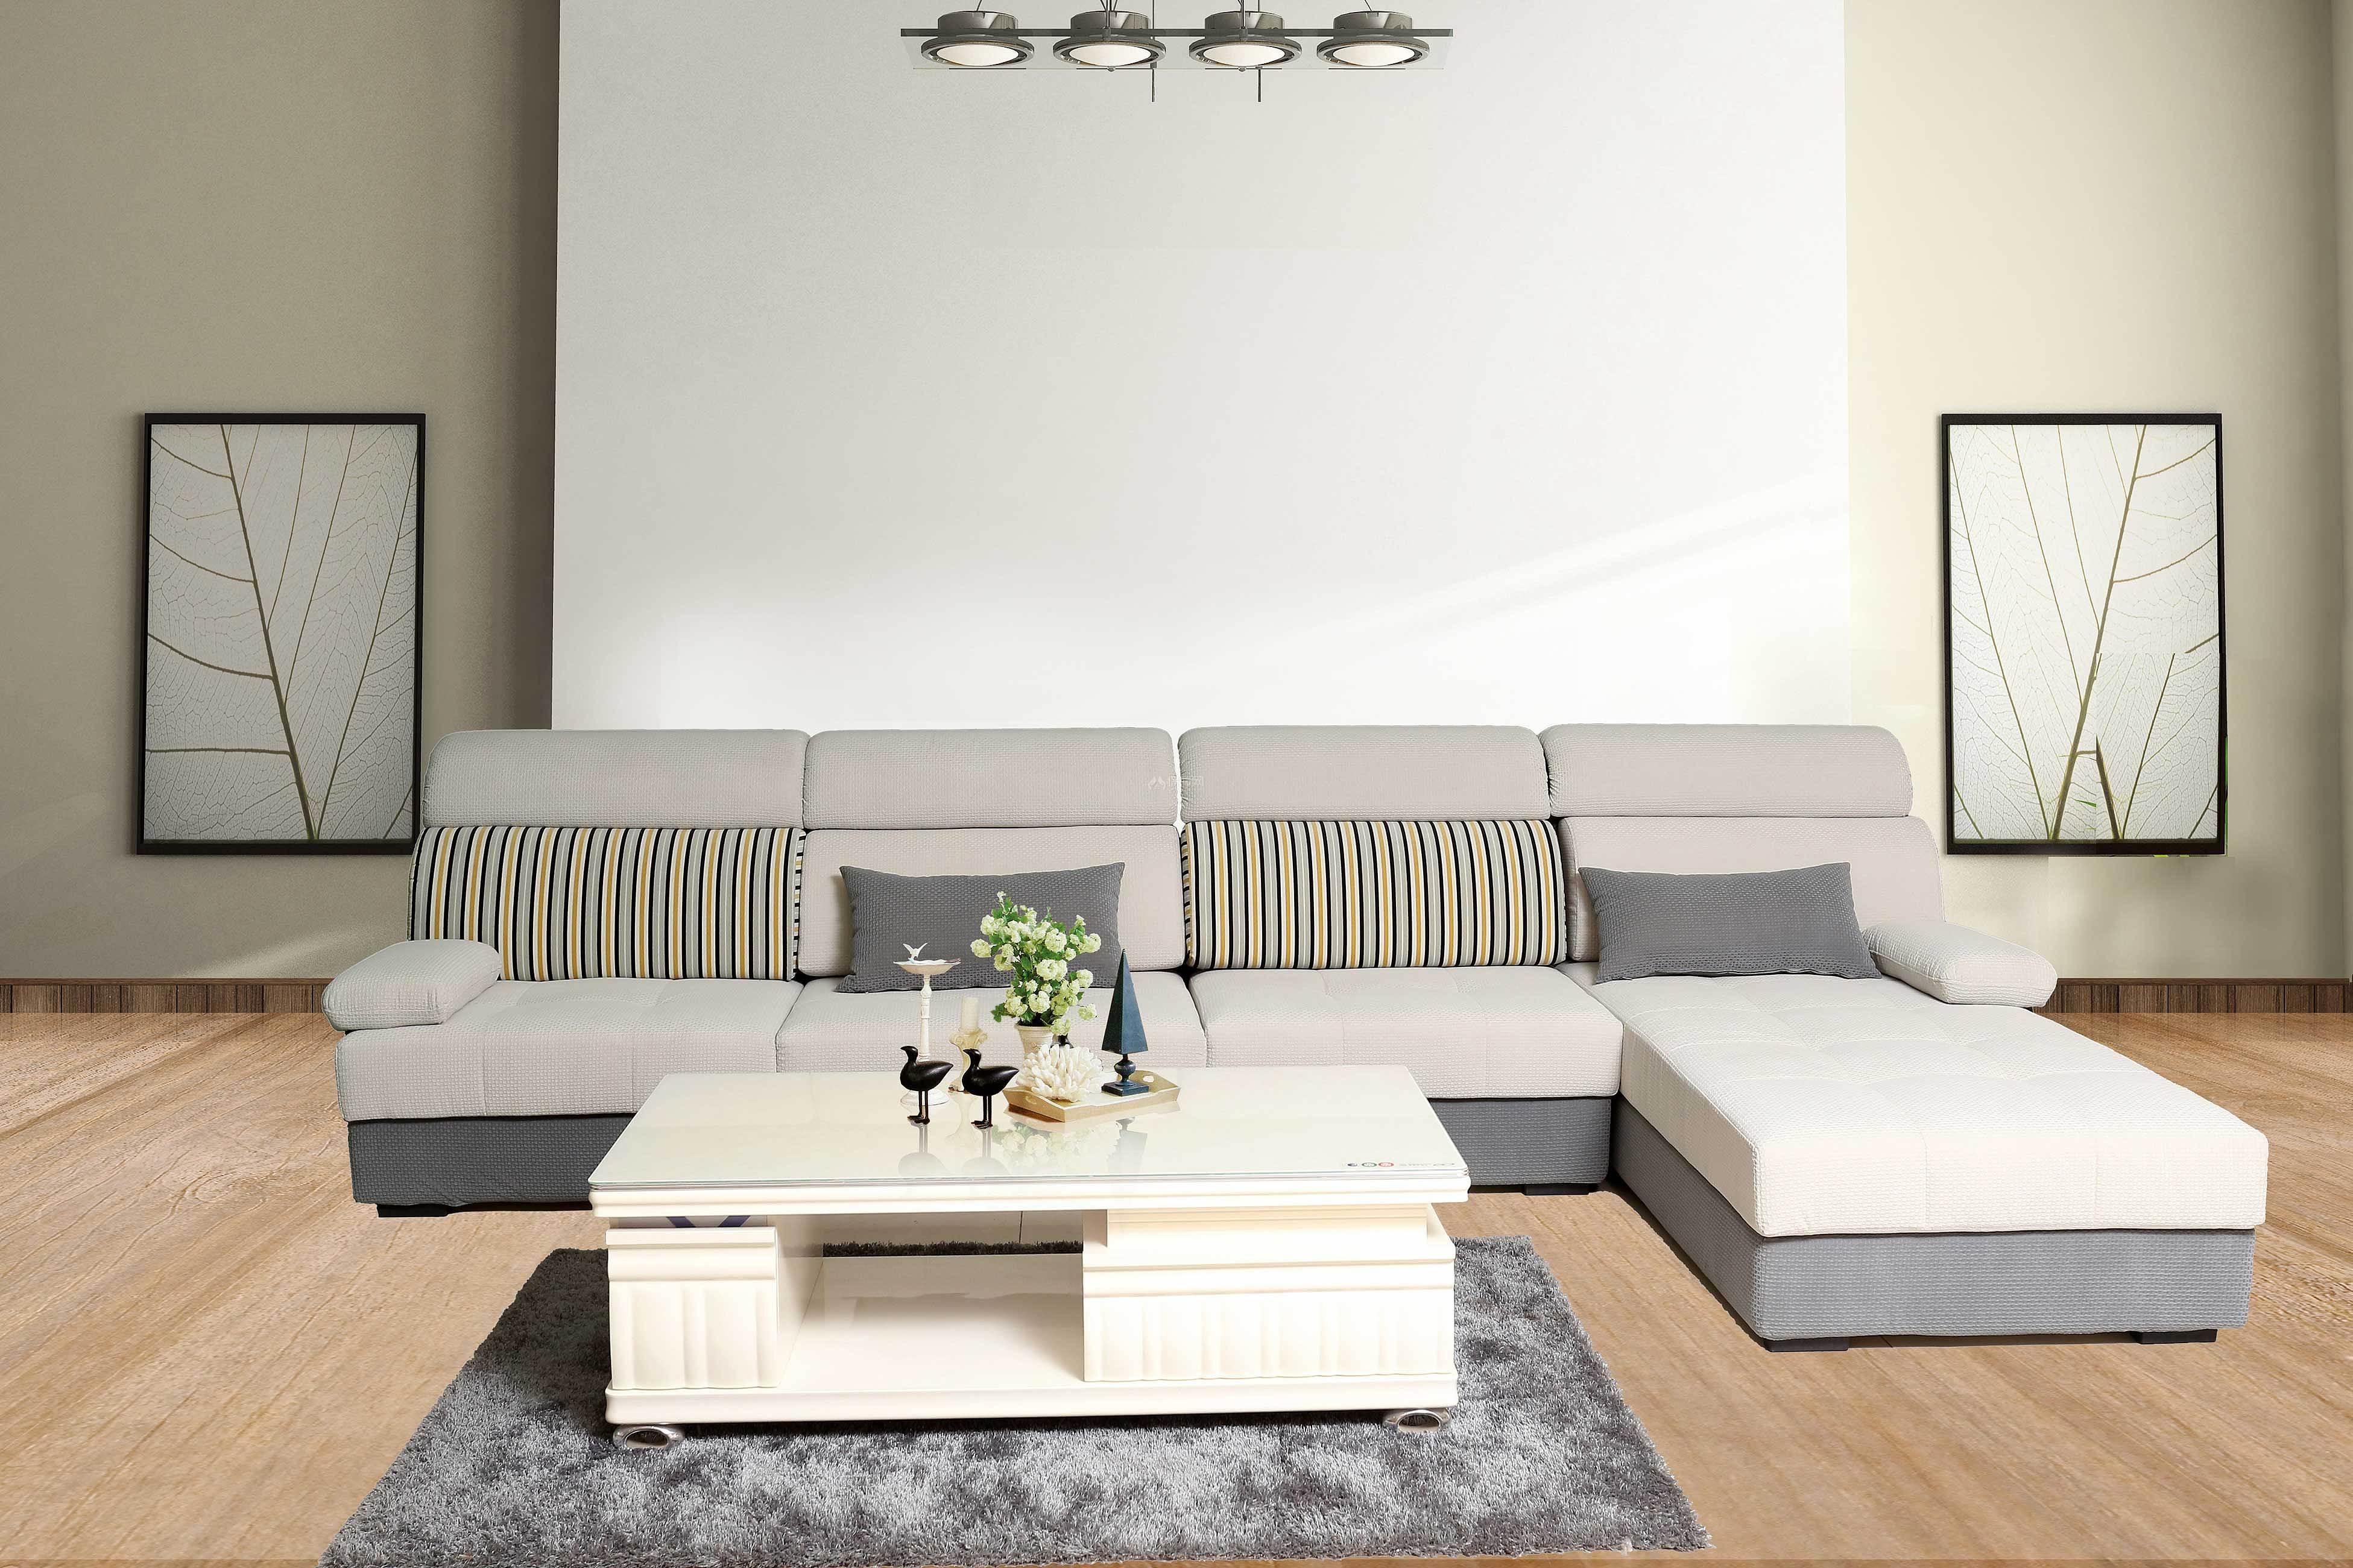 布艺沙发如何清洗 五招让你家的布艺沙发清洁如新